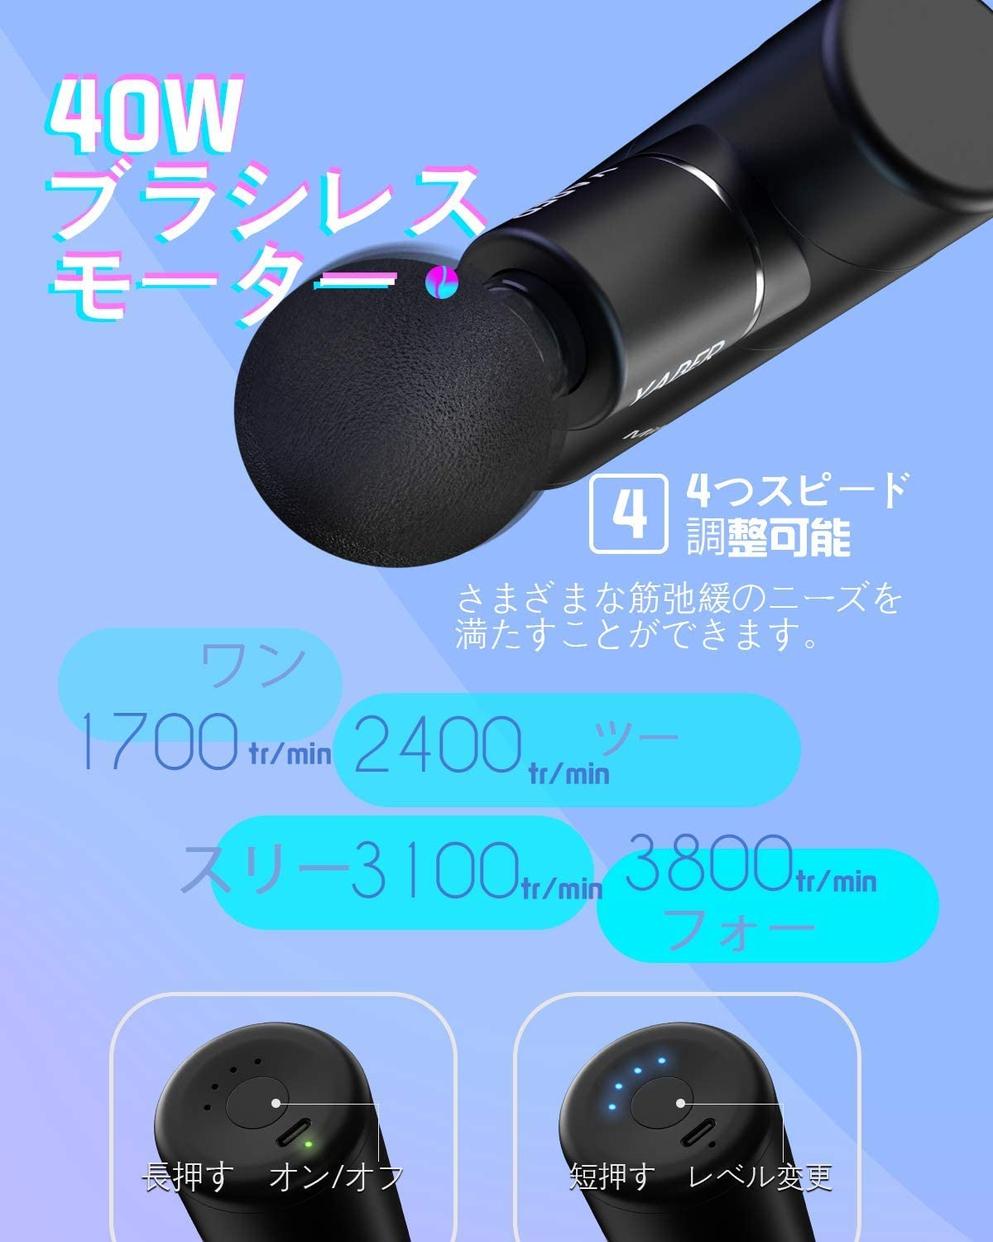 YABER(ヤーバー) 電動ドリル リカバリーボールの商品画像4